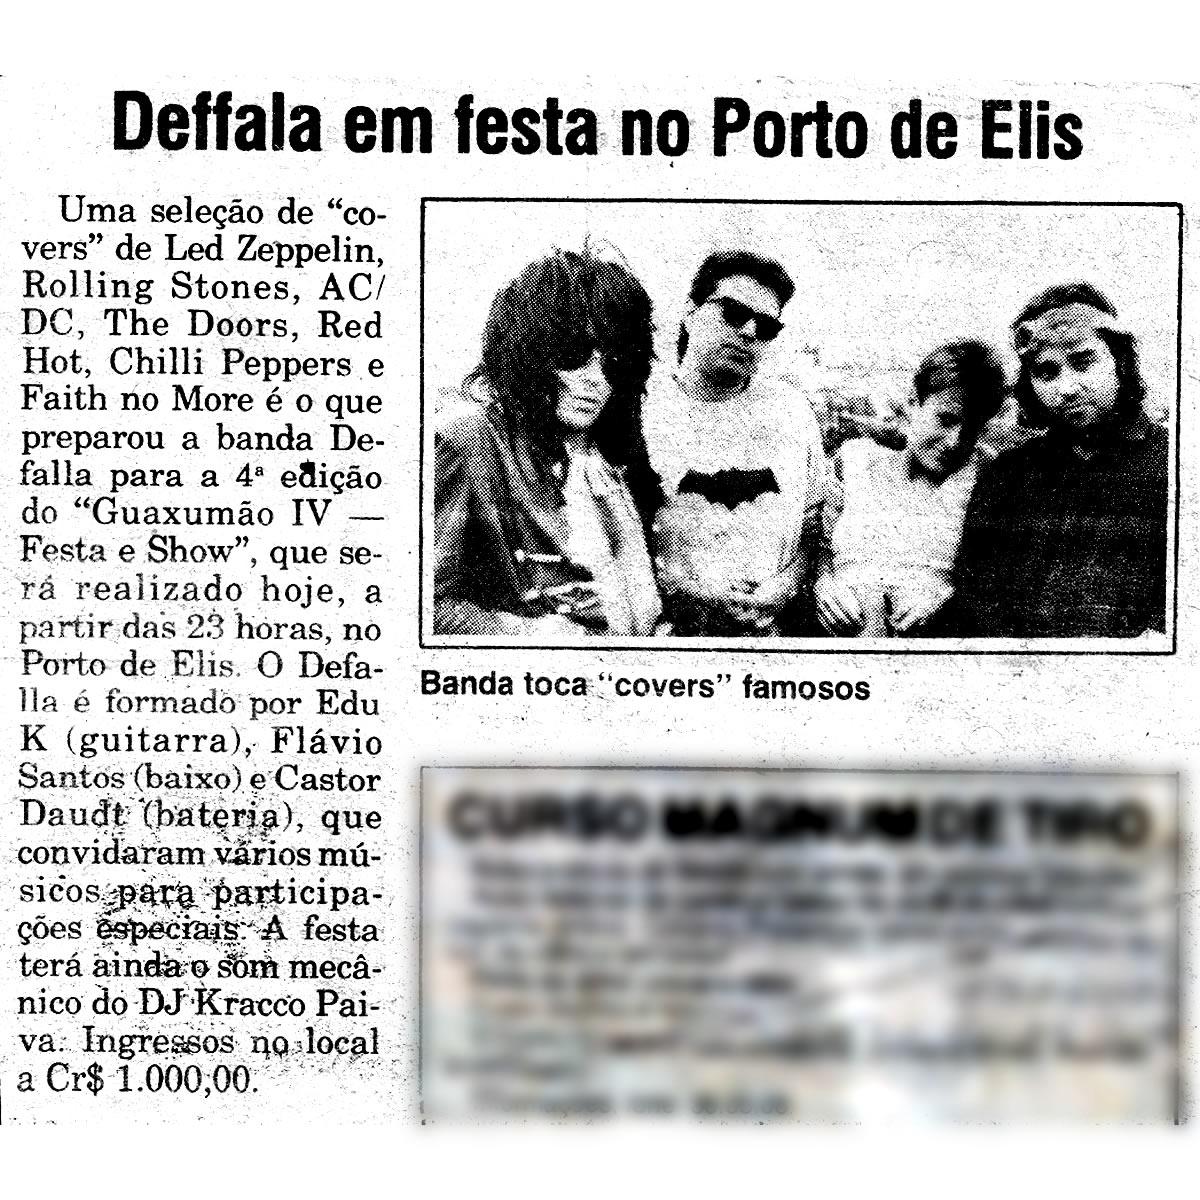 [PRESS] Deffala em festa no Porto de Elis